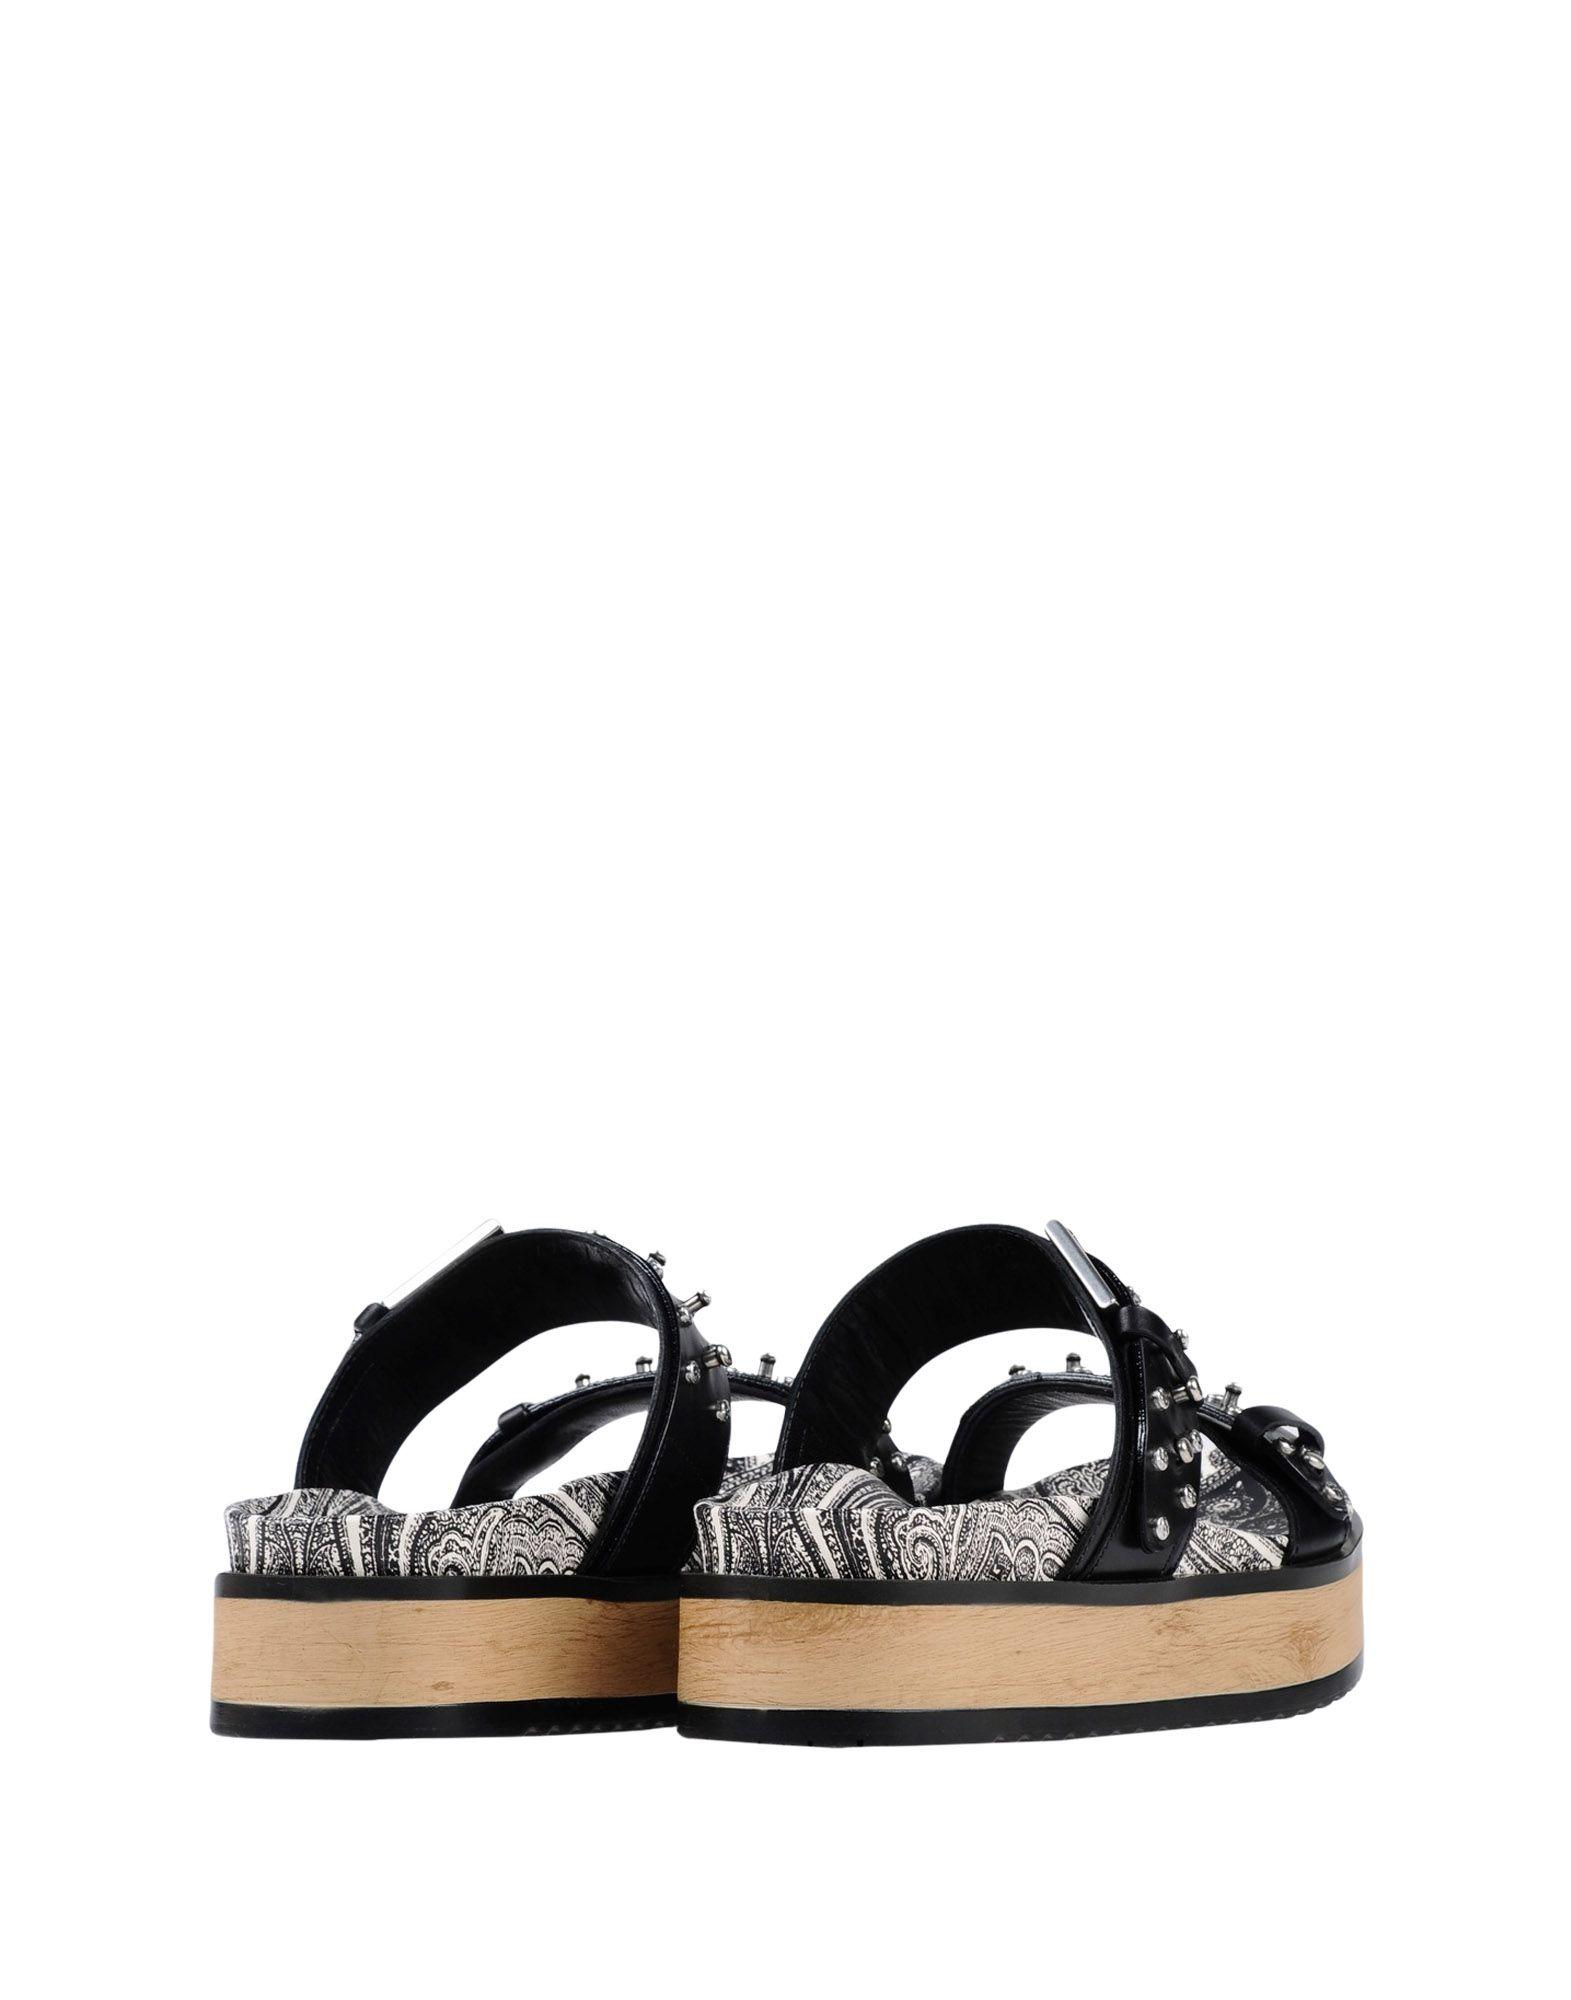 Alexander 11399207VFGünstige Mcqueen Sandalen Damen  11399207VFGünstige Alexander gut aussehende Schuhe 21495e